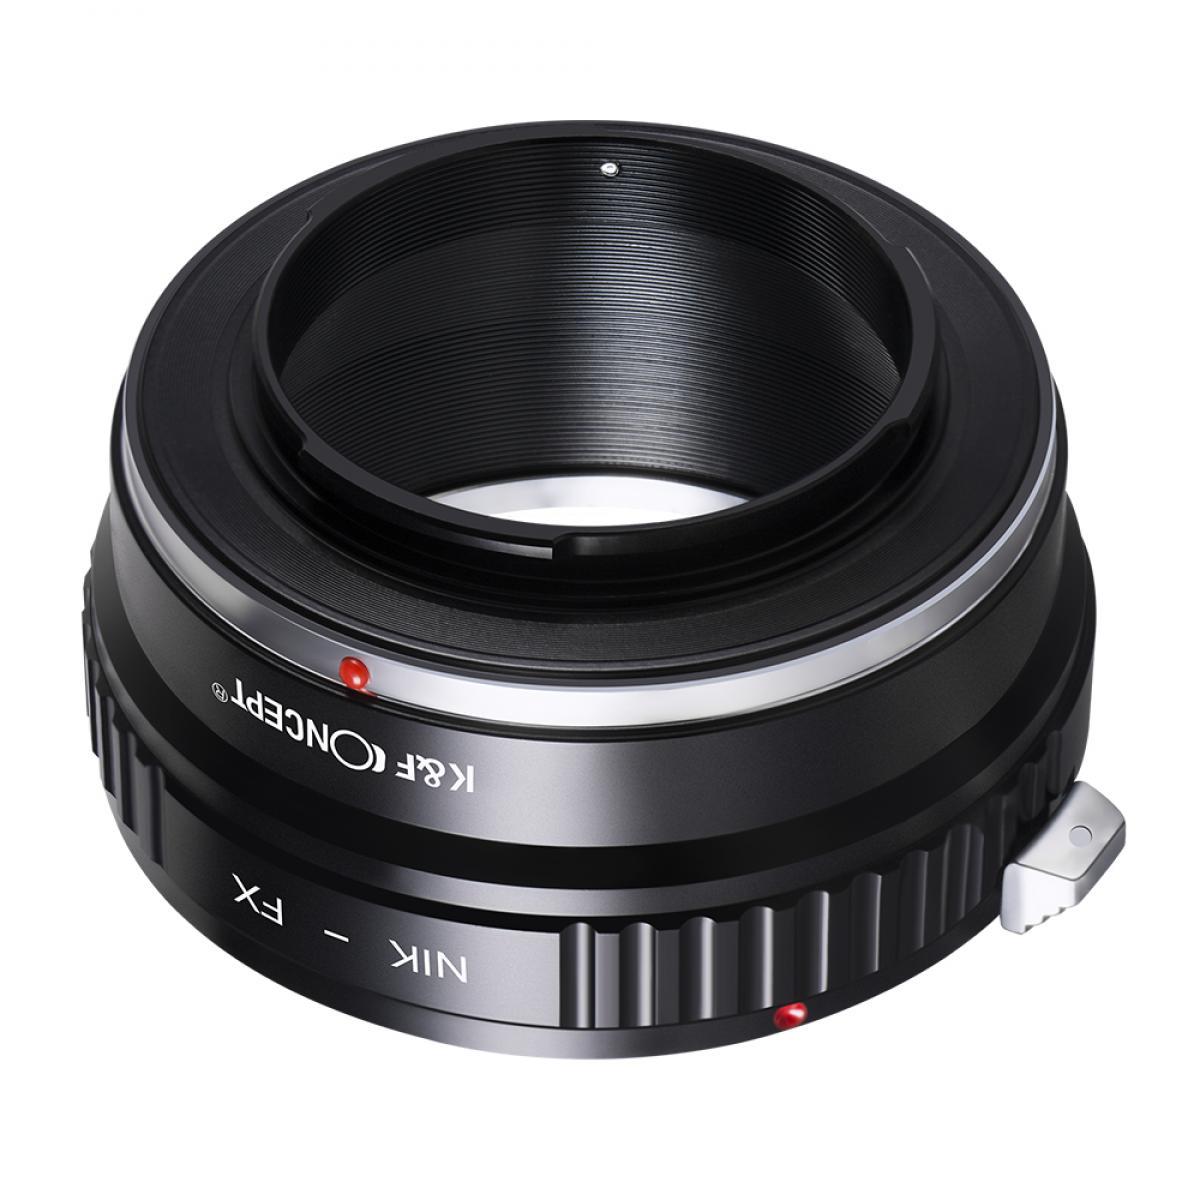 Adapter für Nikon F Objektiv auf Fuji X Mount Kamera